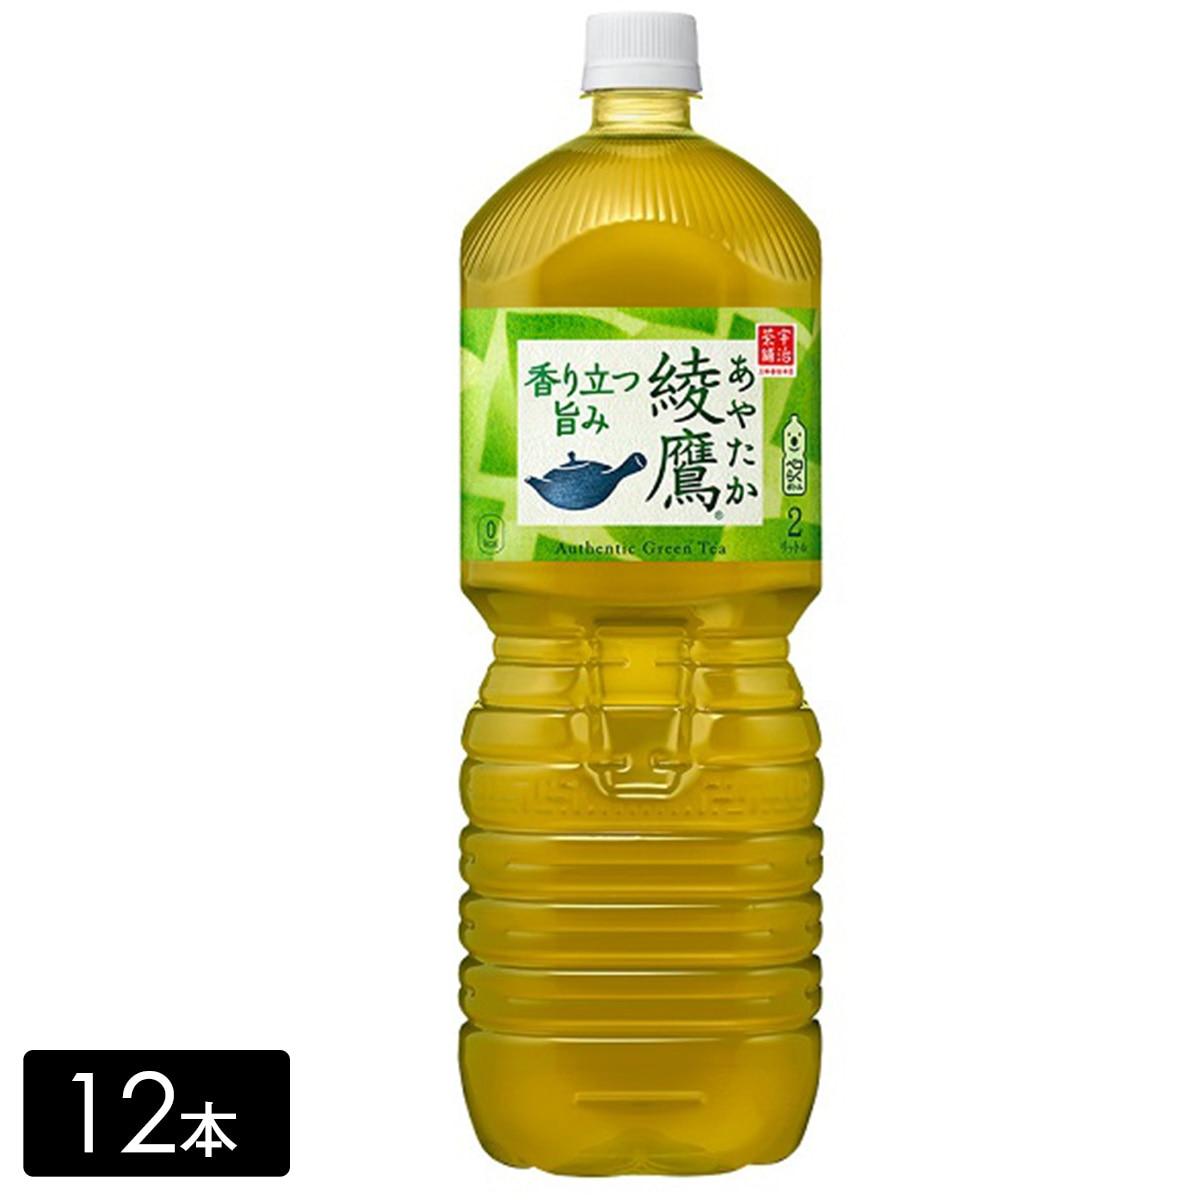 綾鷹 緑茶 2L×12本